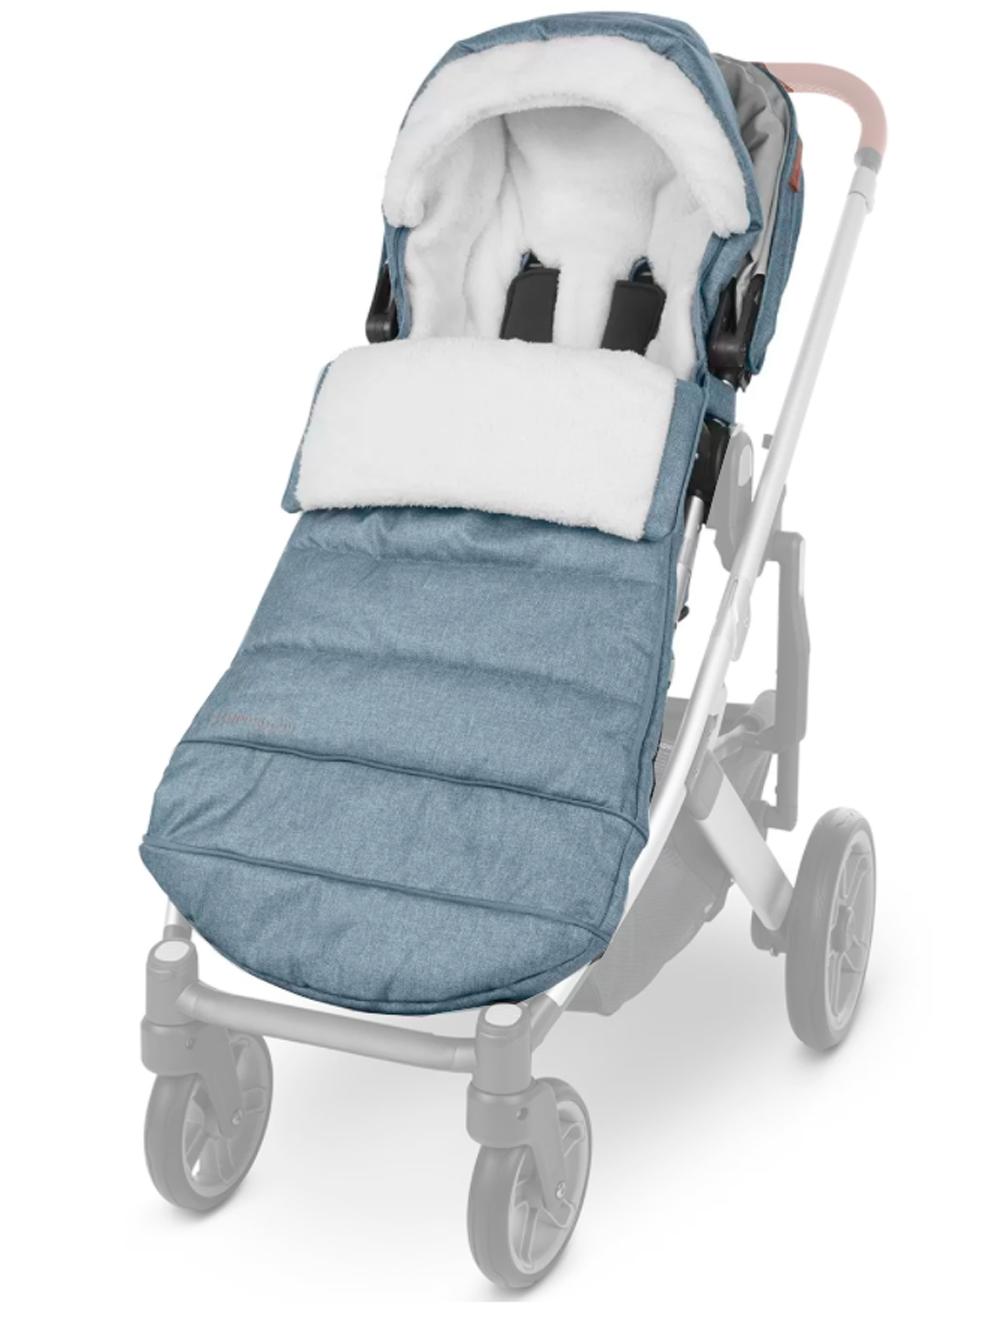 2267840, Аксессуар для коляски UPPAbaby, голубой, 3984528080072  - купить со скидкой